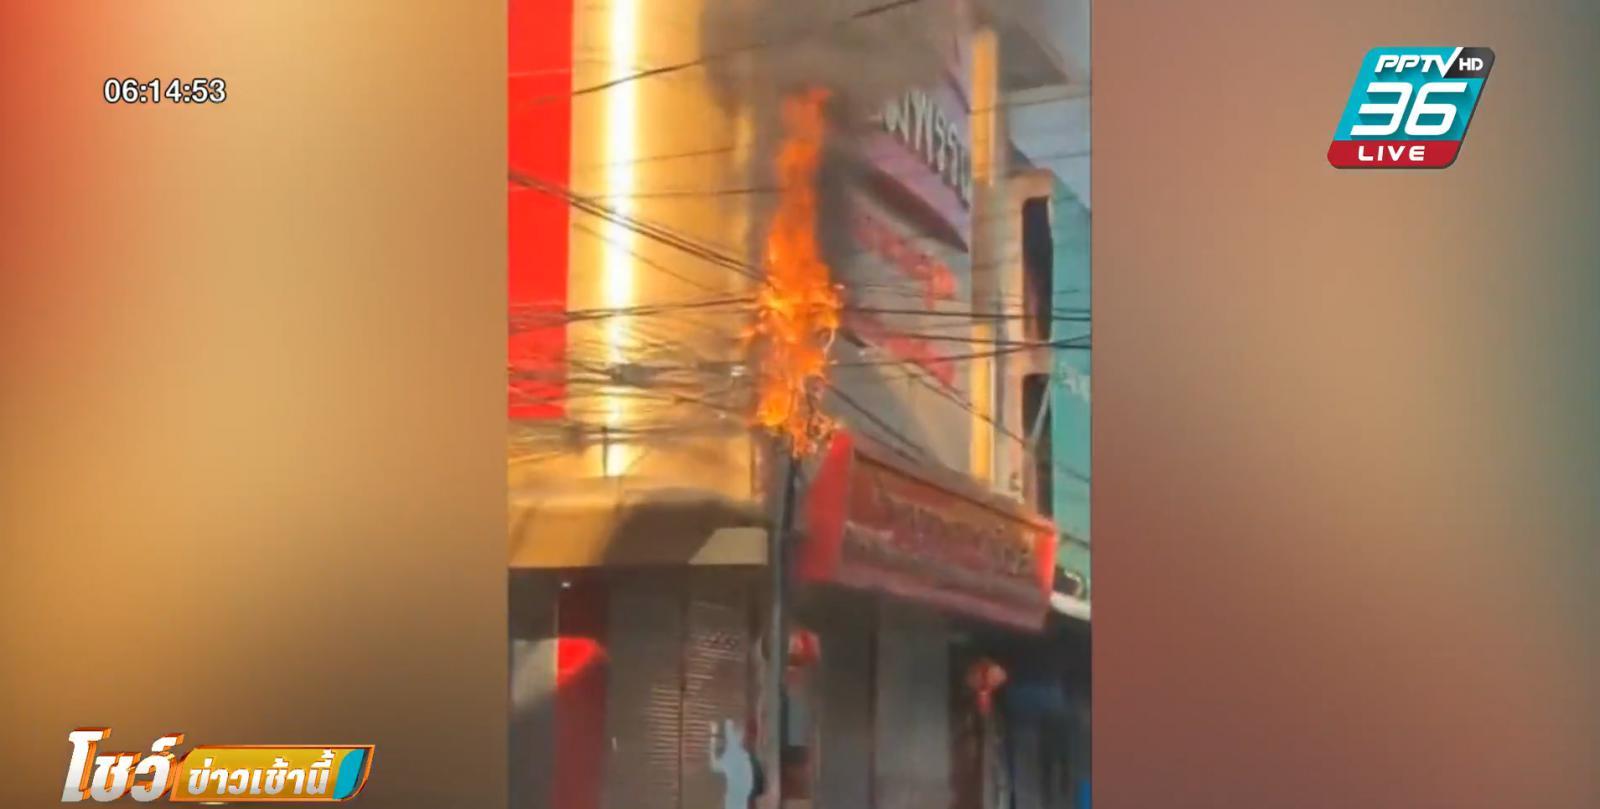 นกพิราบเกาะสายไฟถูกช็อตตูมสนั่น ไฟลุกพรึบหวิดไหม้ร้านทอง